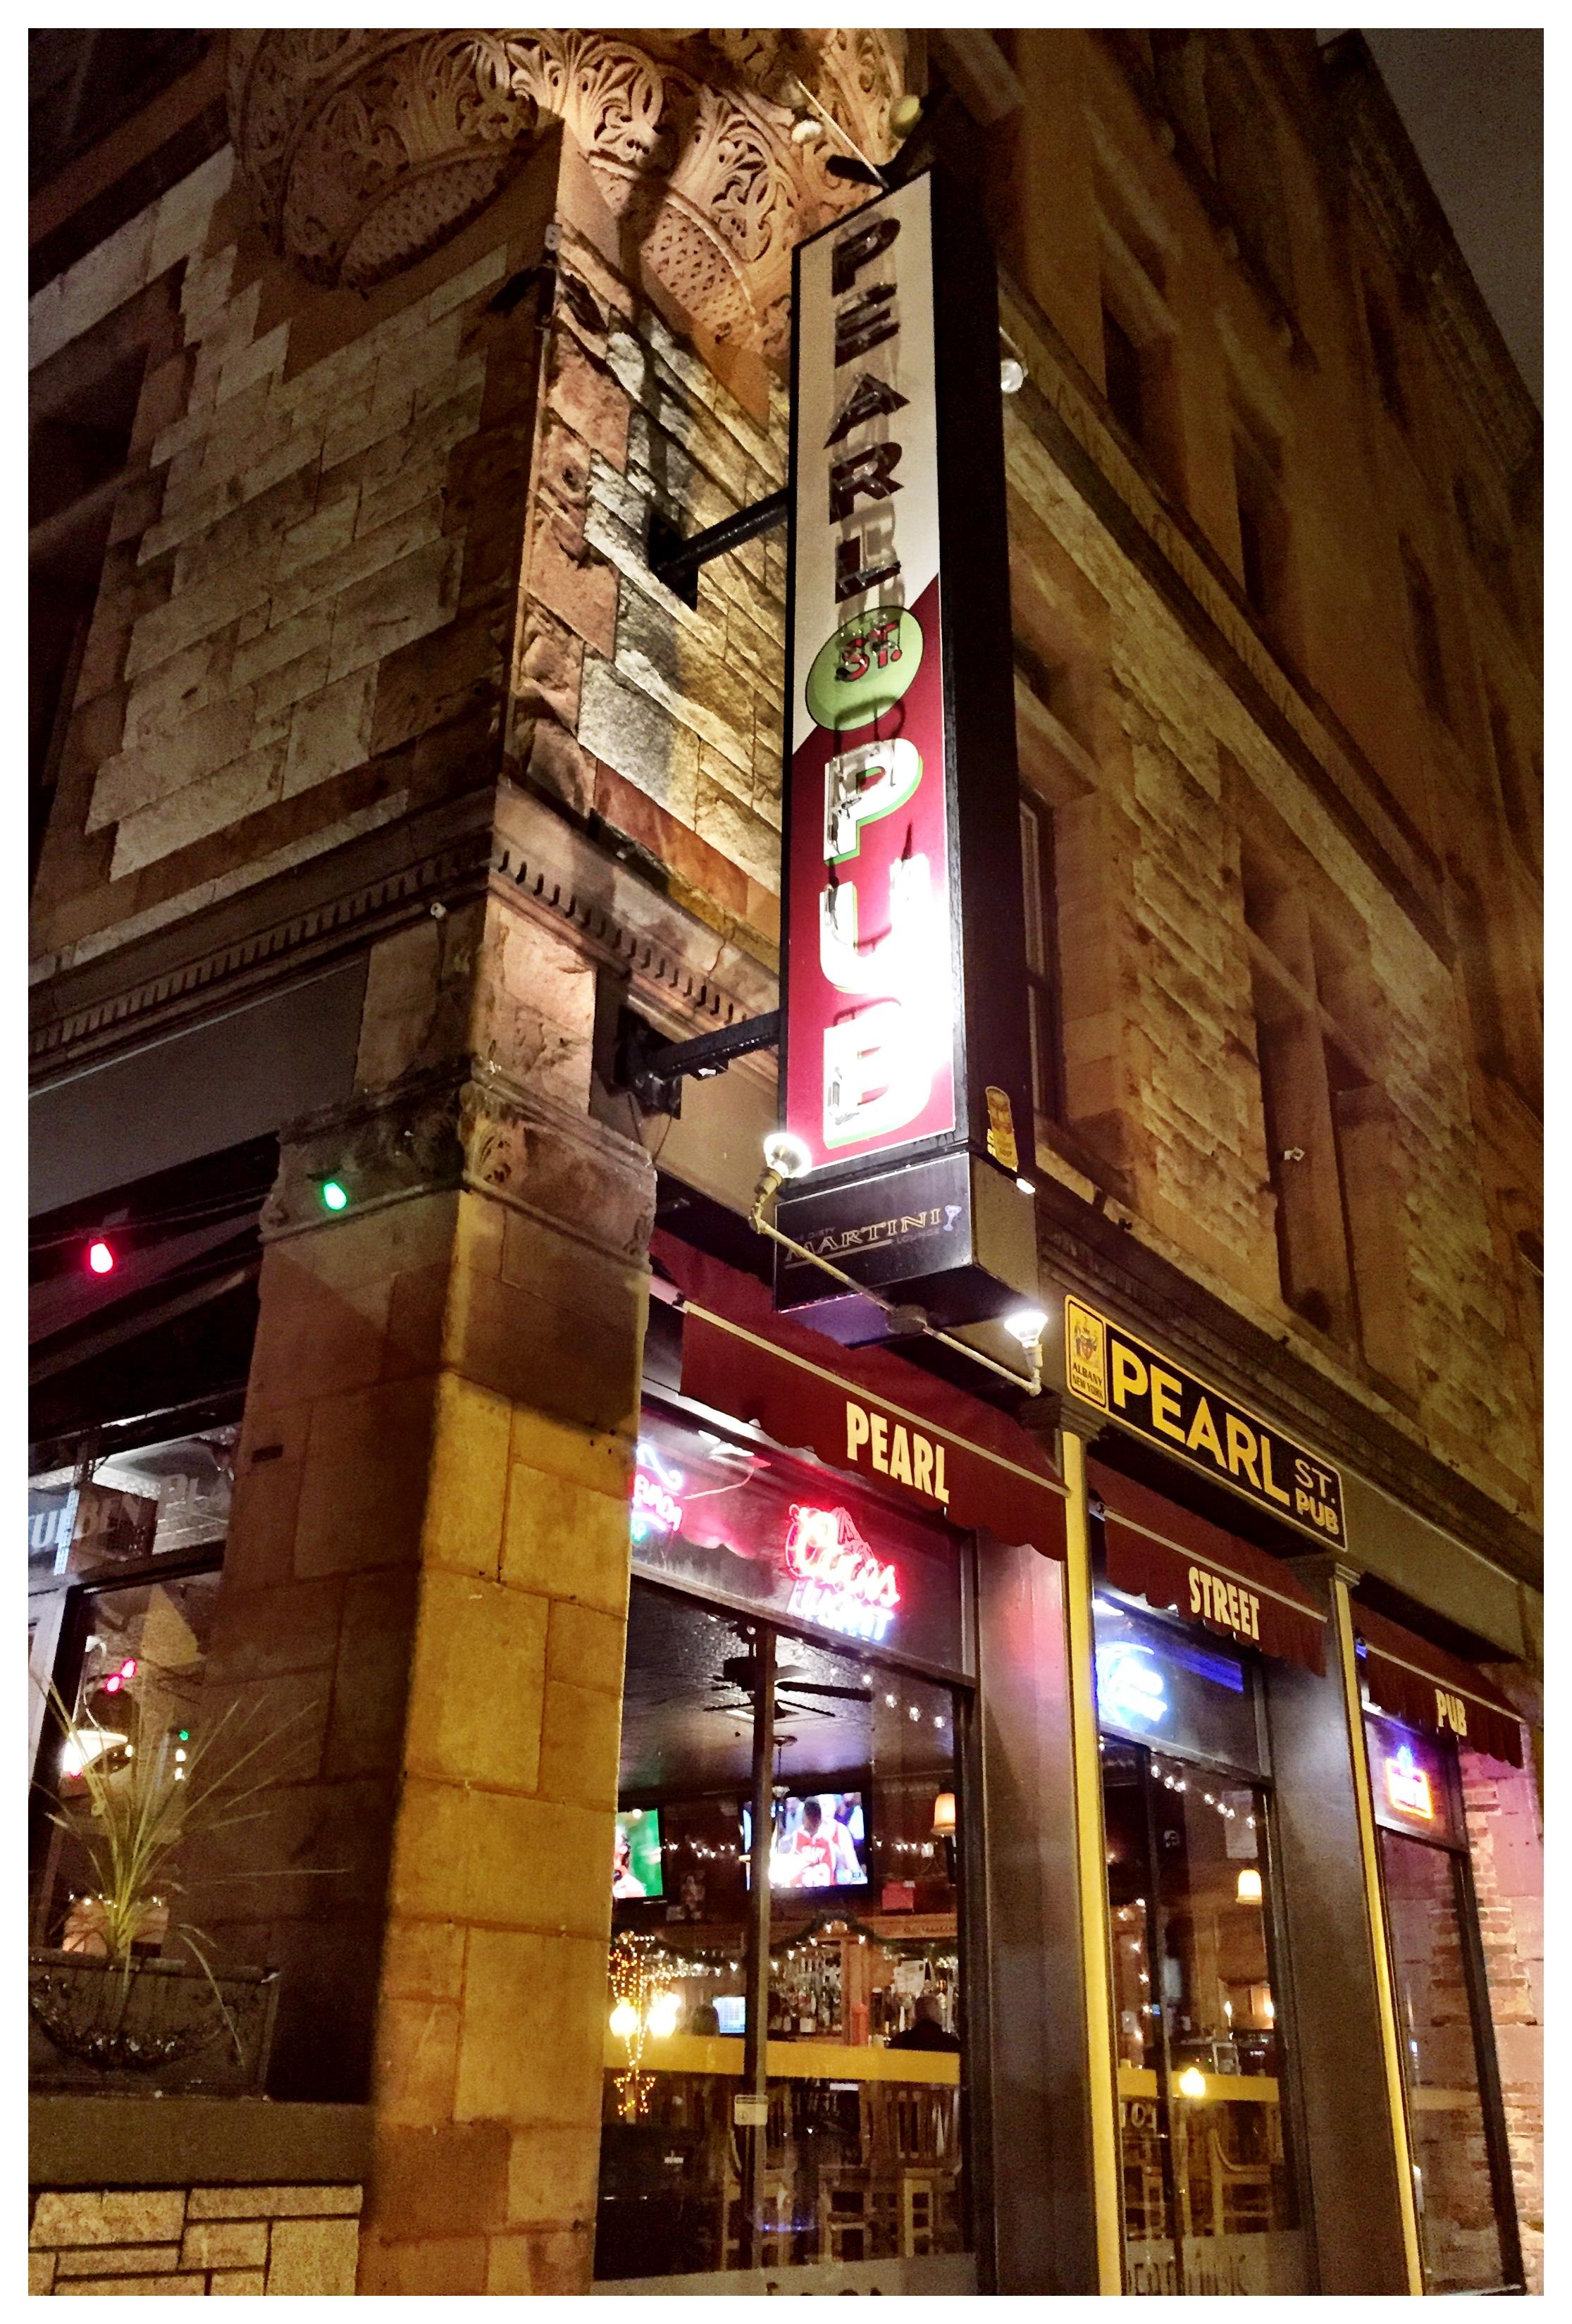 Pearl St Pub, Albany NY